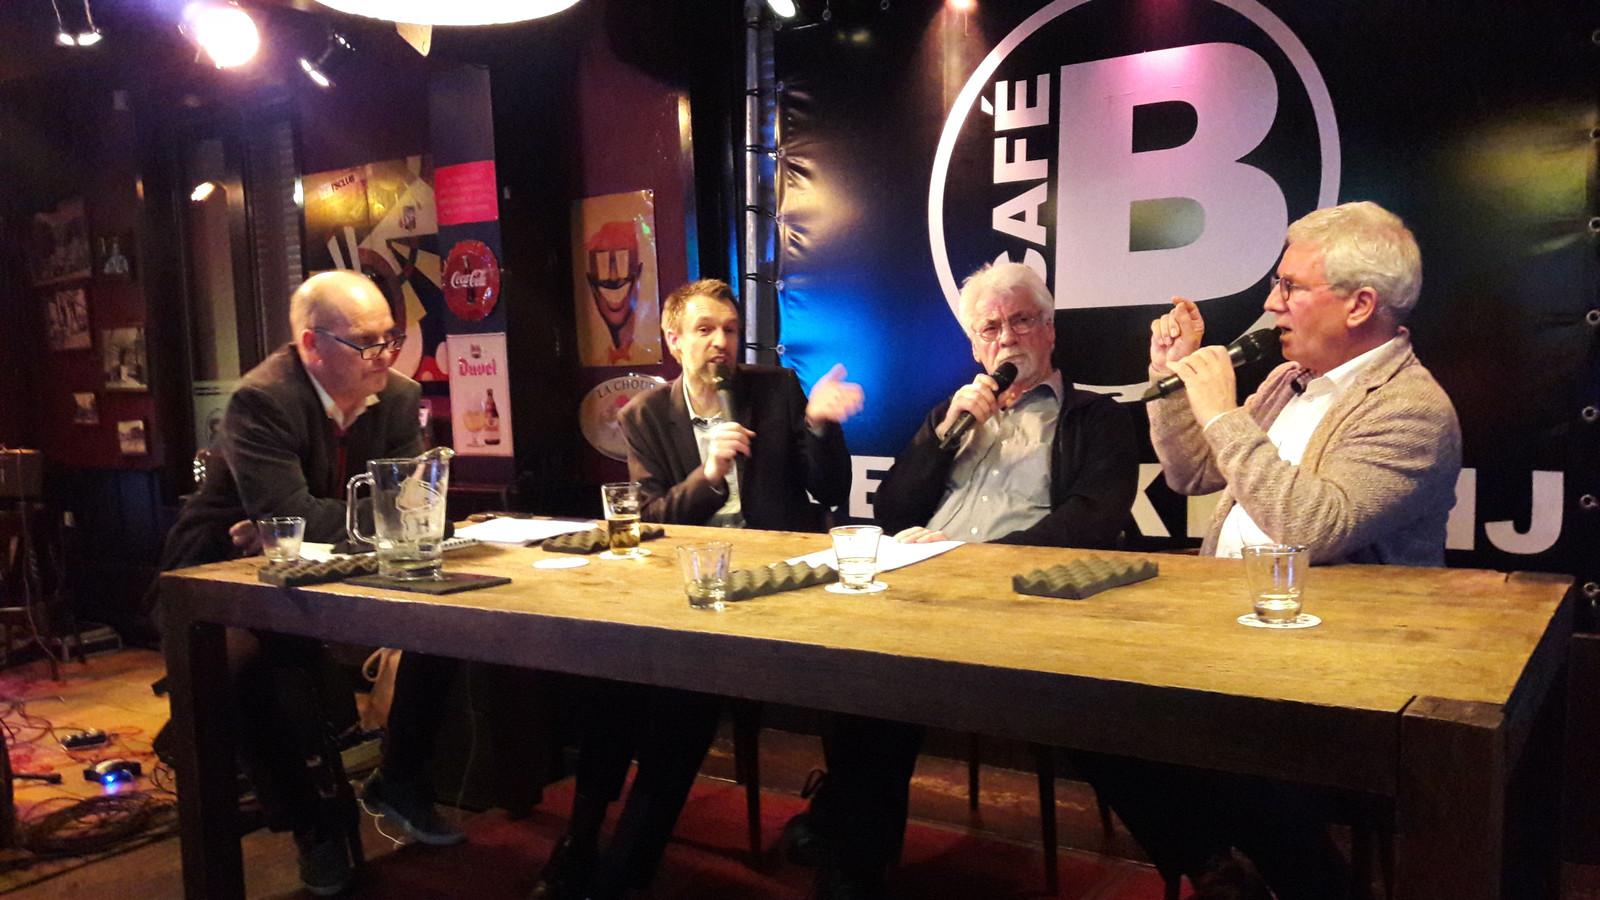 Café-talkshow De Bakkerij Rolt Deur in Zevenbergen, met links presentator Toine Rongen en tweede van recht burgemeester Jac Klijs van de gemeente Moerdijk.